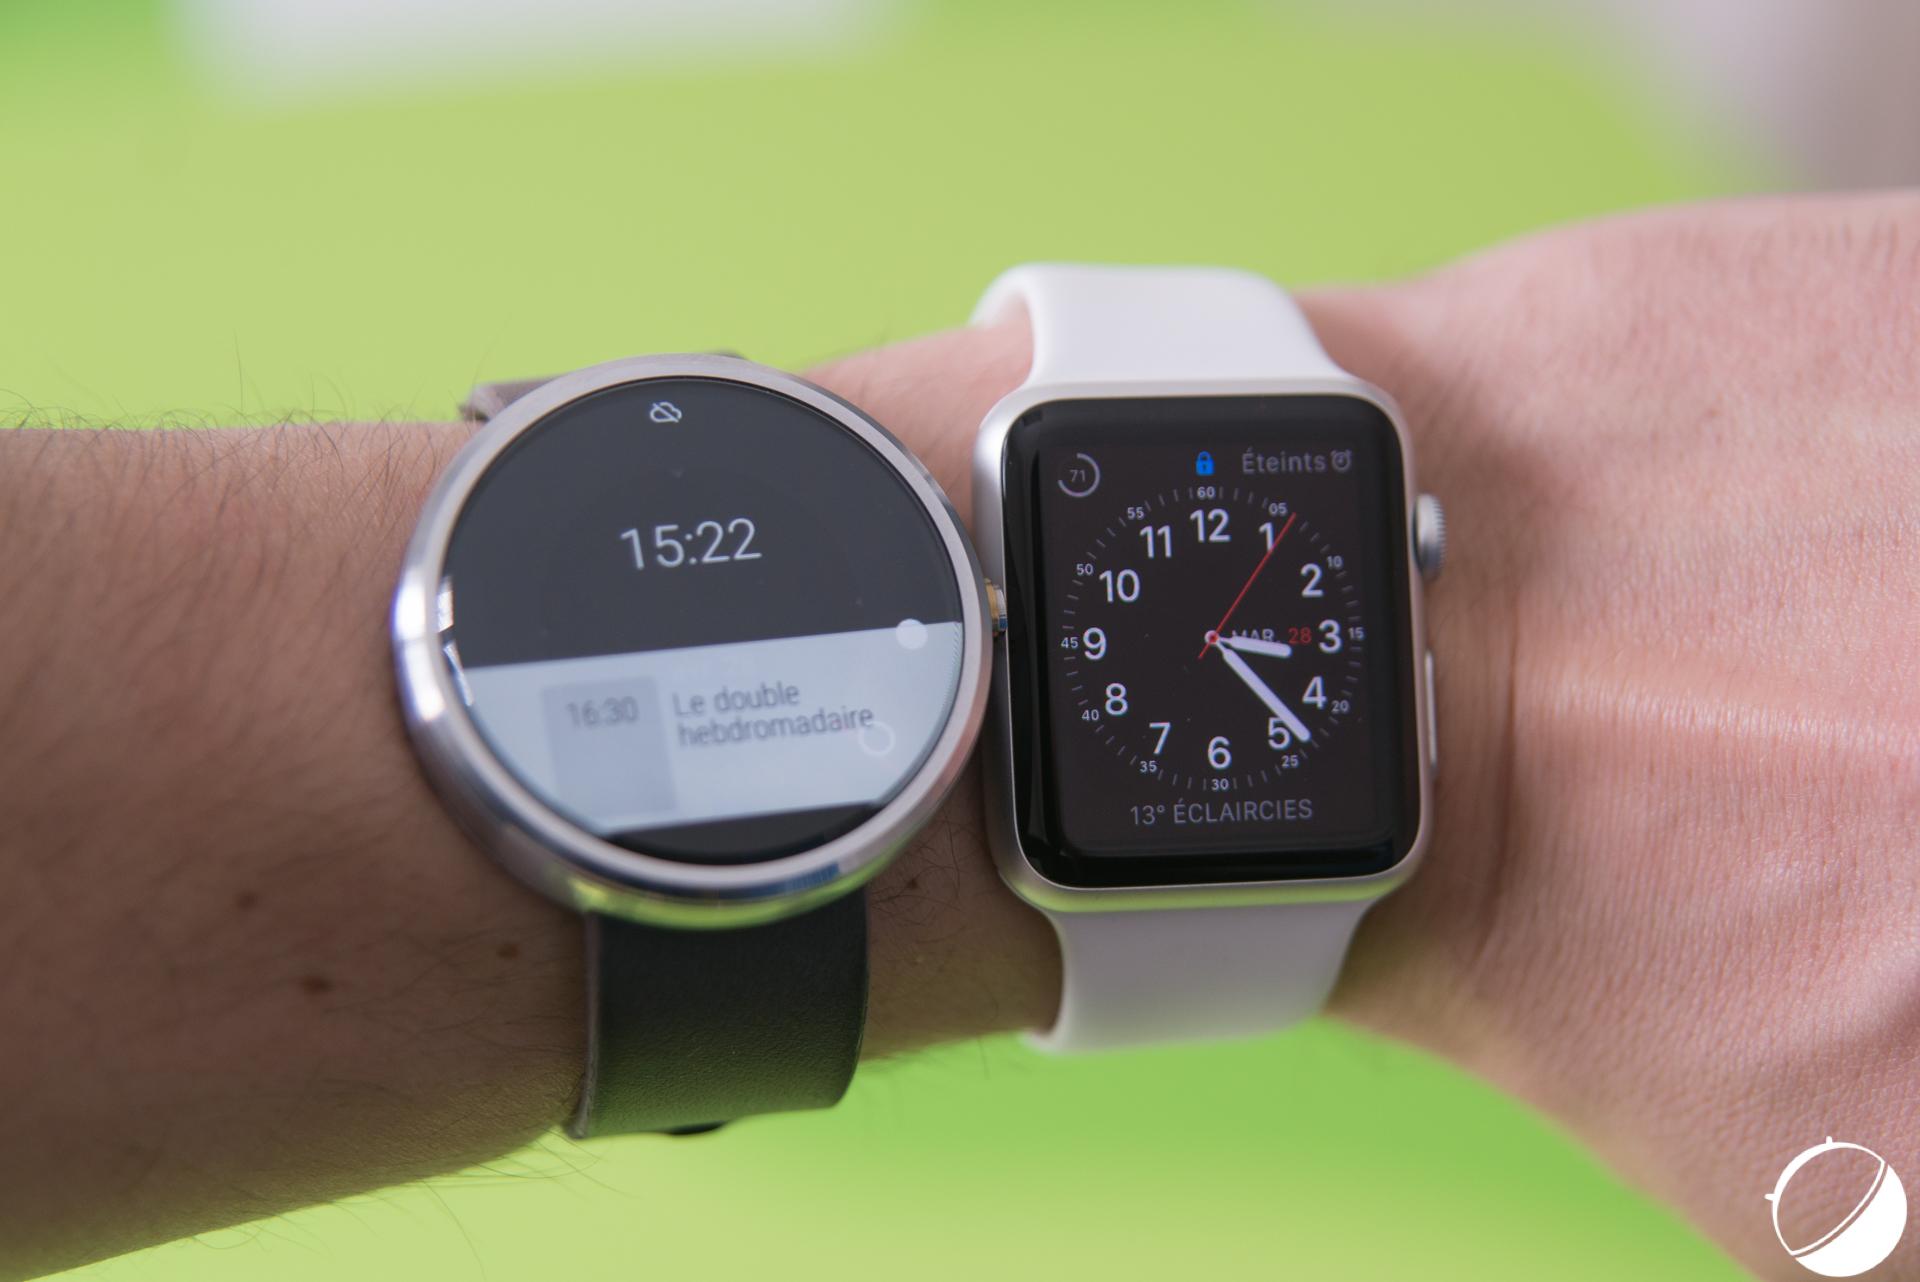 Le marché des montres connectées va bien, même très bien